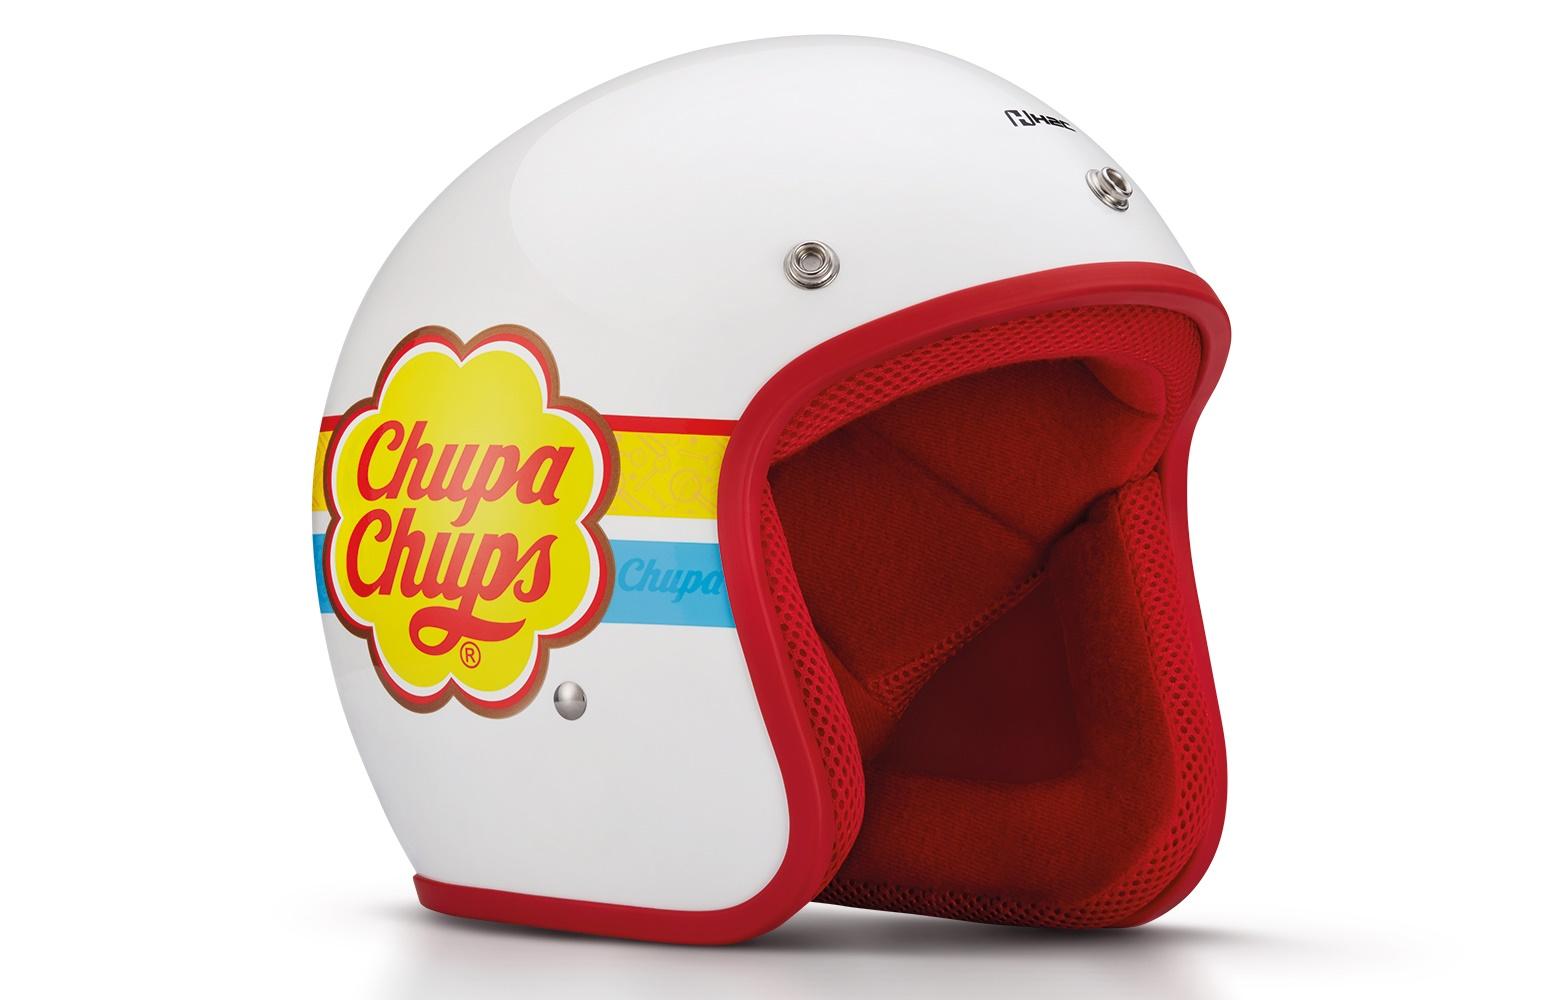 2020 Honda Scoopy i Chupa Chups Limited Edition